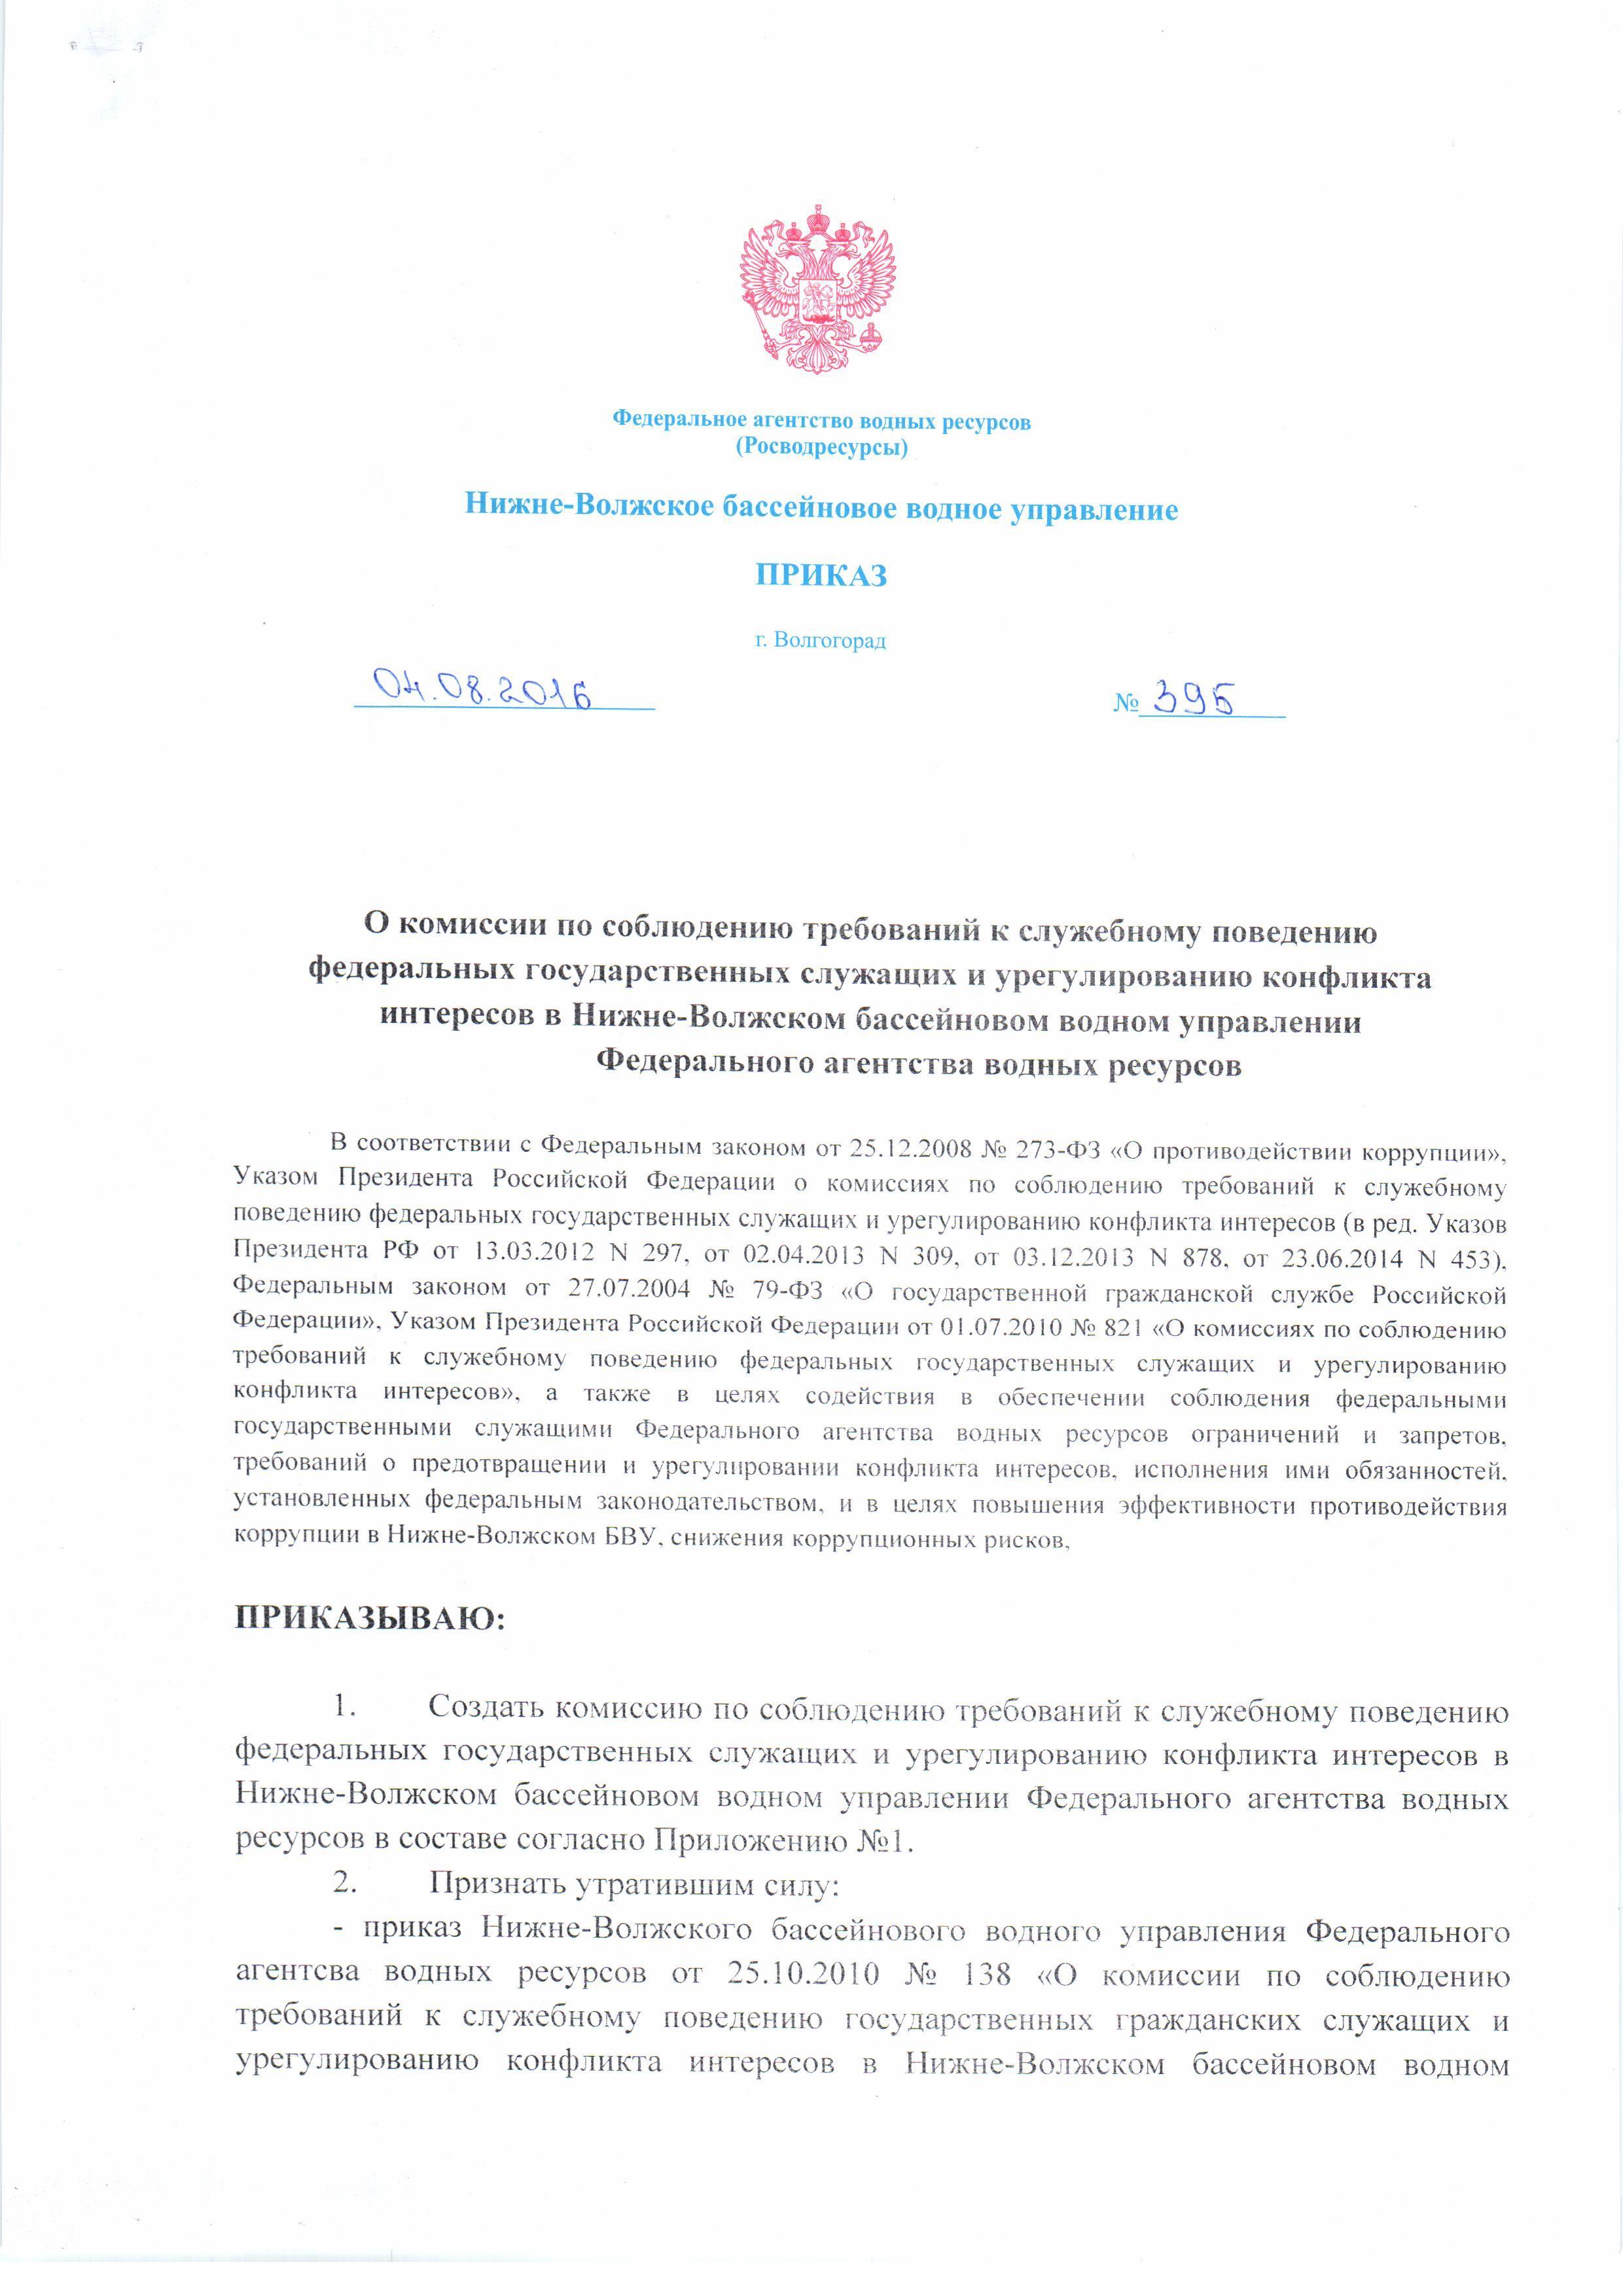 Согласование документации нижневолжском бассейновом водном управлении